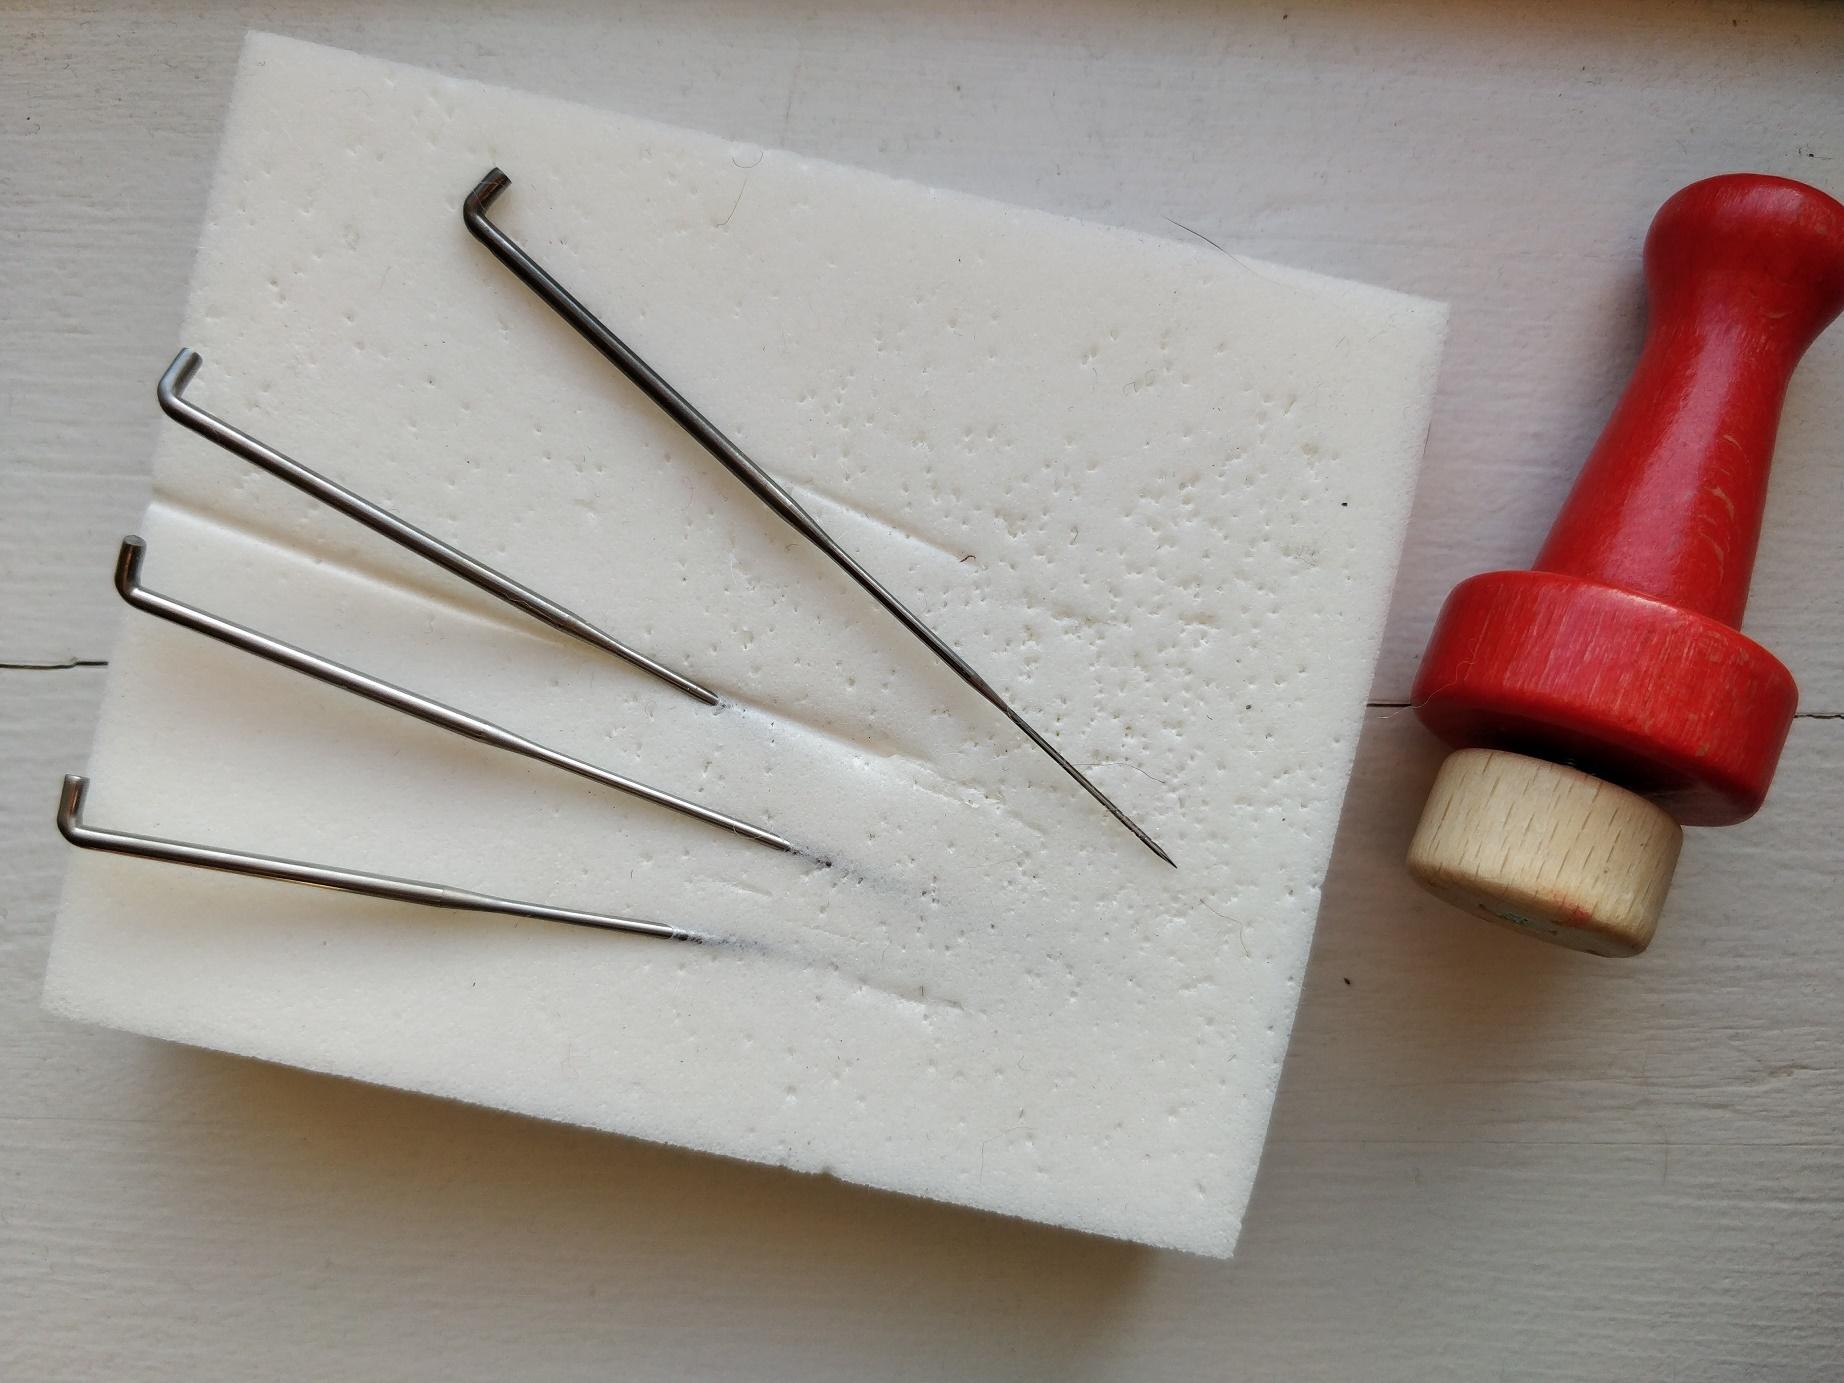 Nåle til nålefiltning og et håndtag man kan sætte 4 nåle i